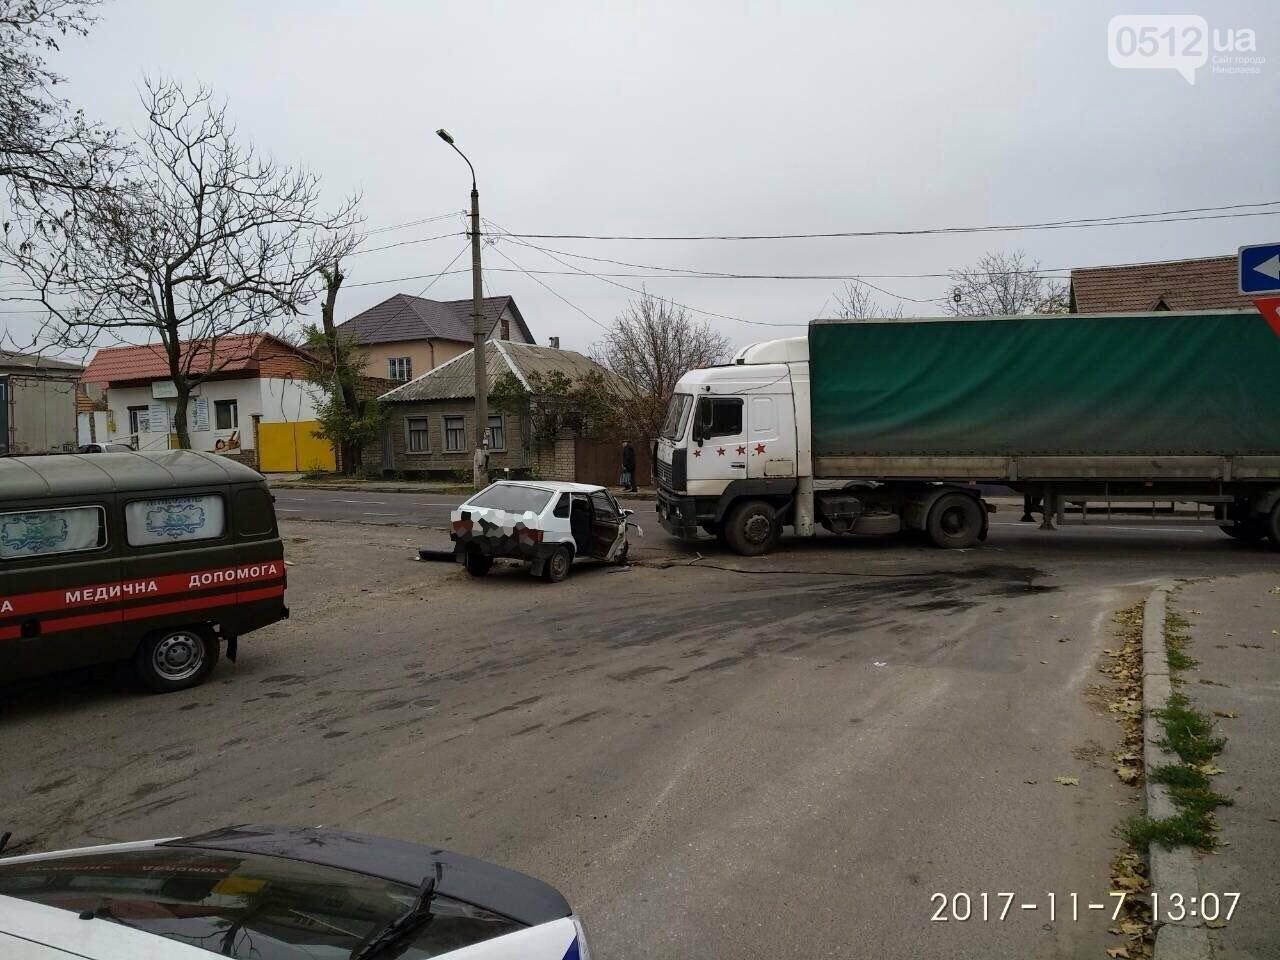 """На въезде в Николаев фура сбила """"девятку"""" - в аварии пострадали отец и сын, - ФОТО , фото-3"""